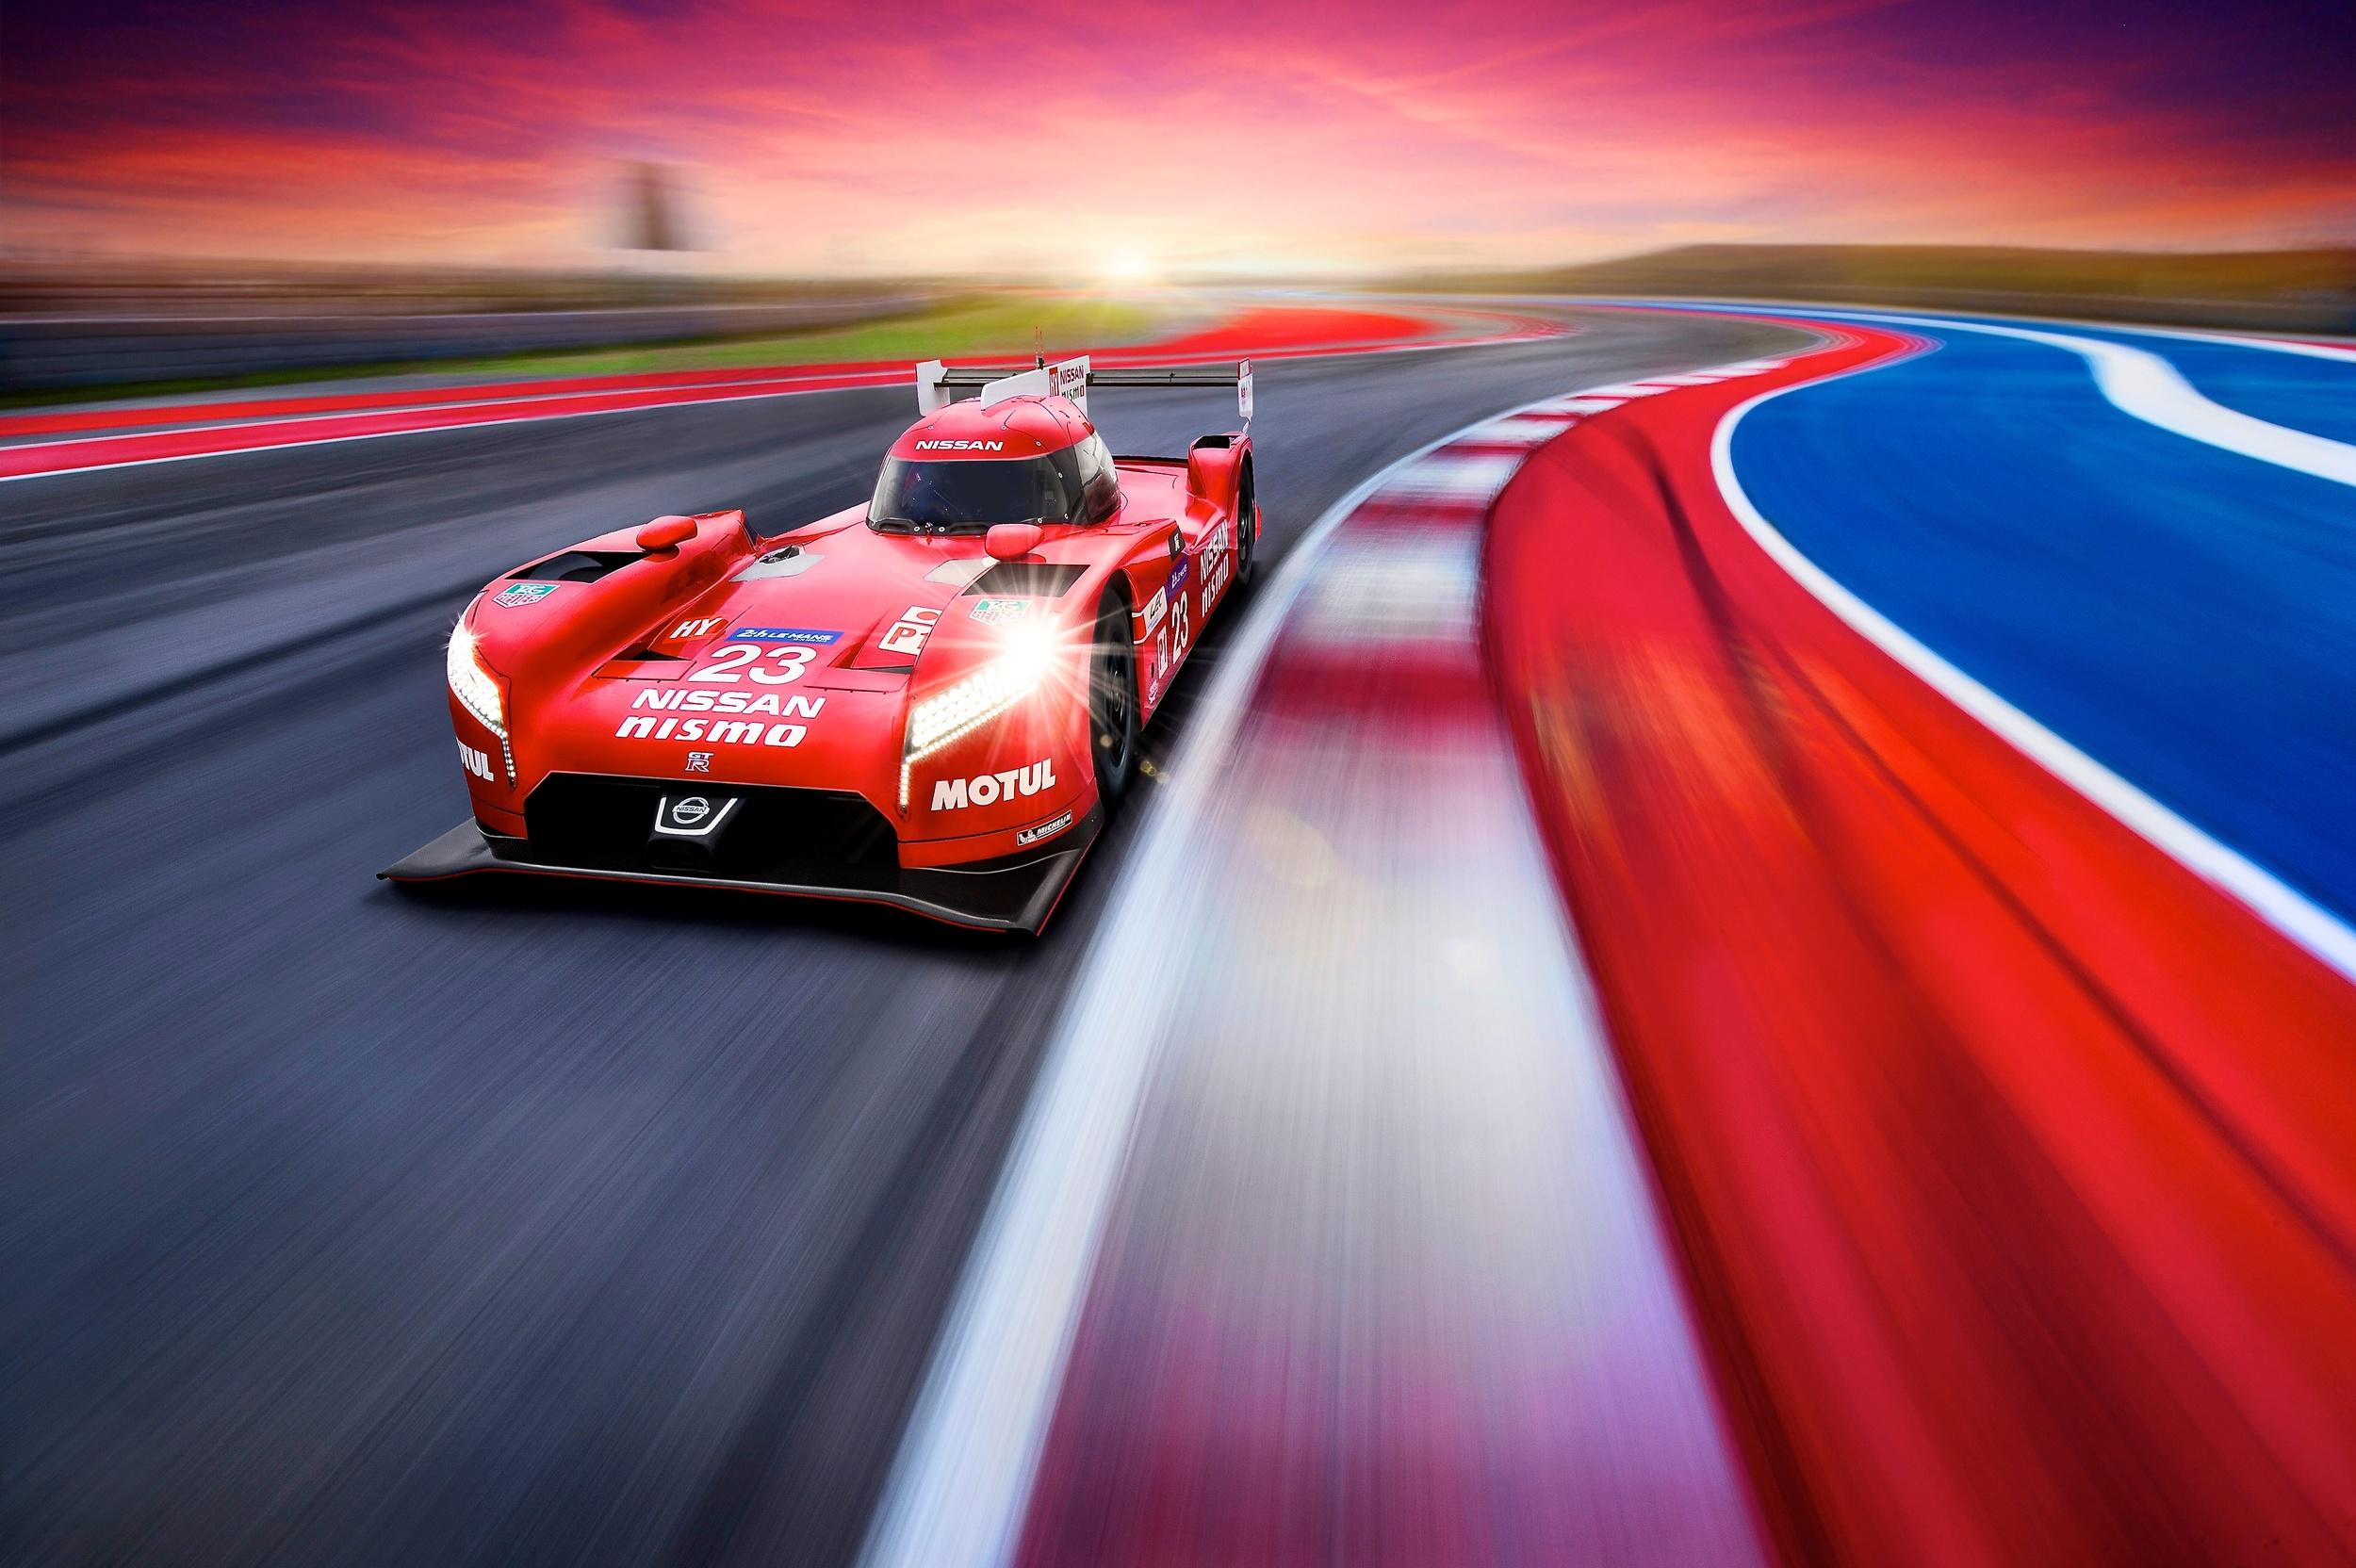 Nissan_LMP1_featured_5.jpg